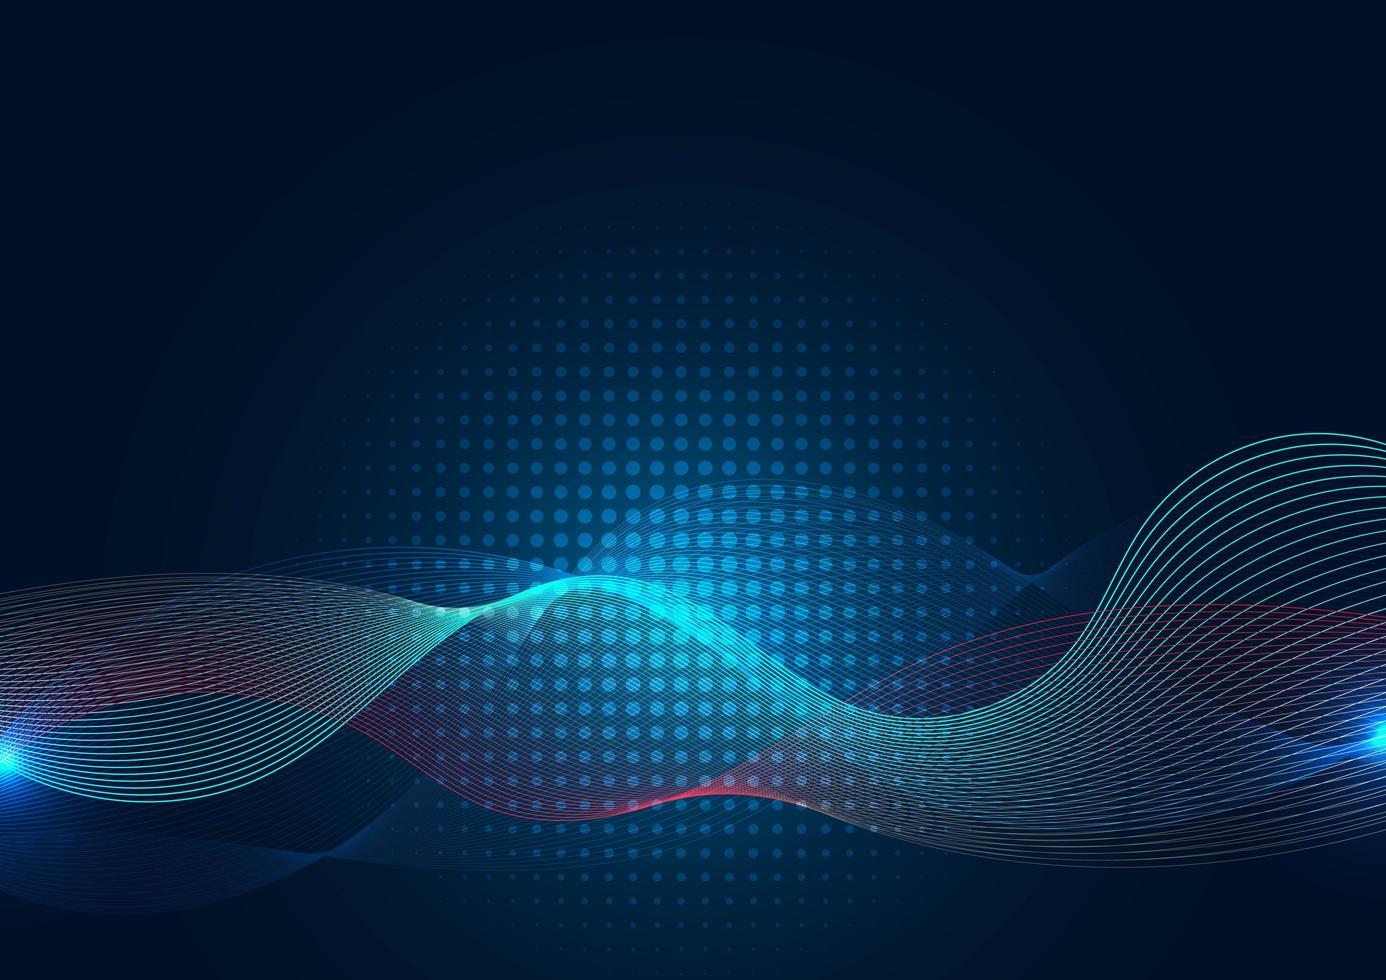 abstrakt blå våglinje med halvton på mörk bakgrund vektor